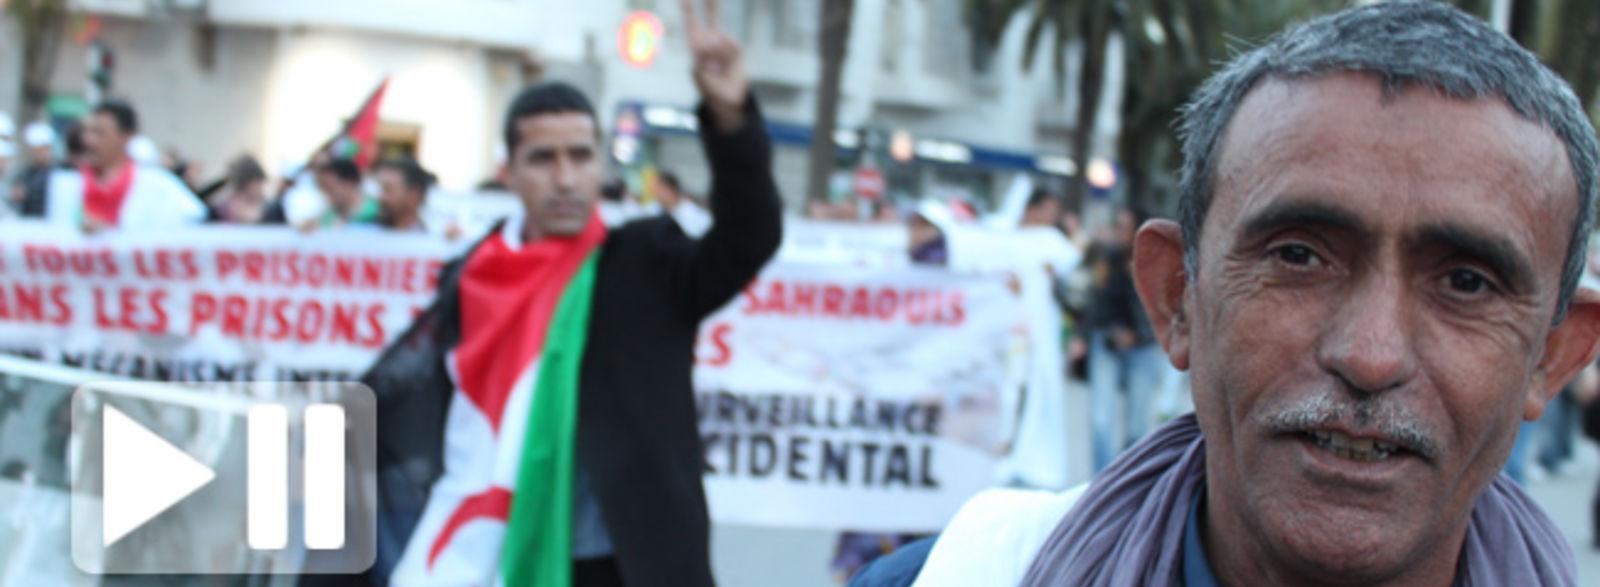 FSM 2013: une marche d'ouverture sous le signe des femmes